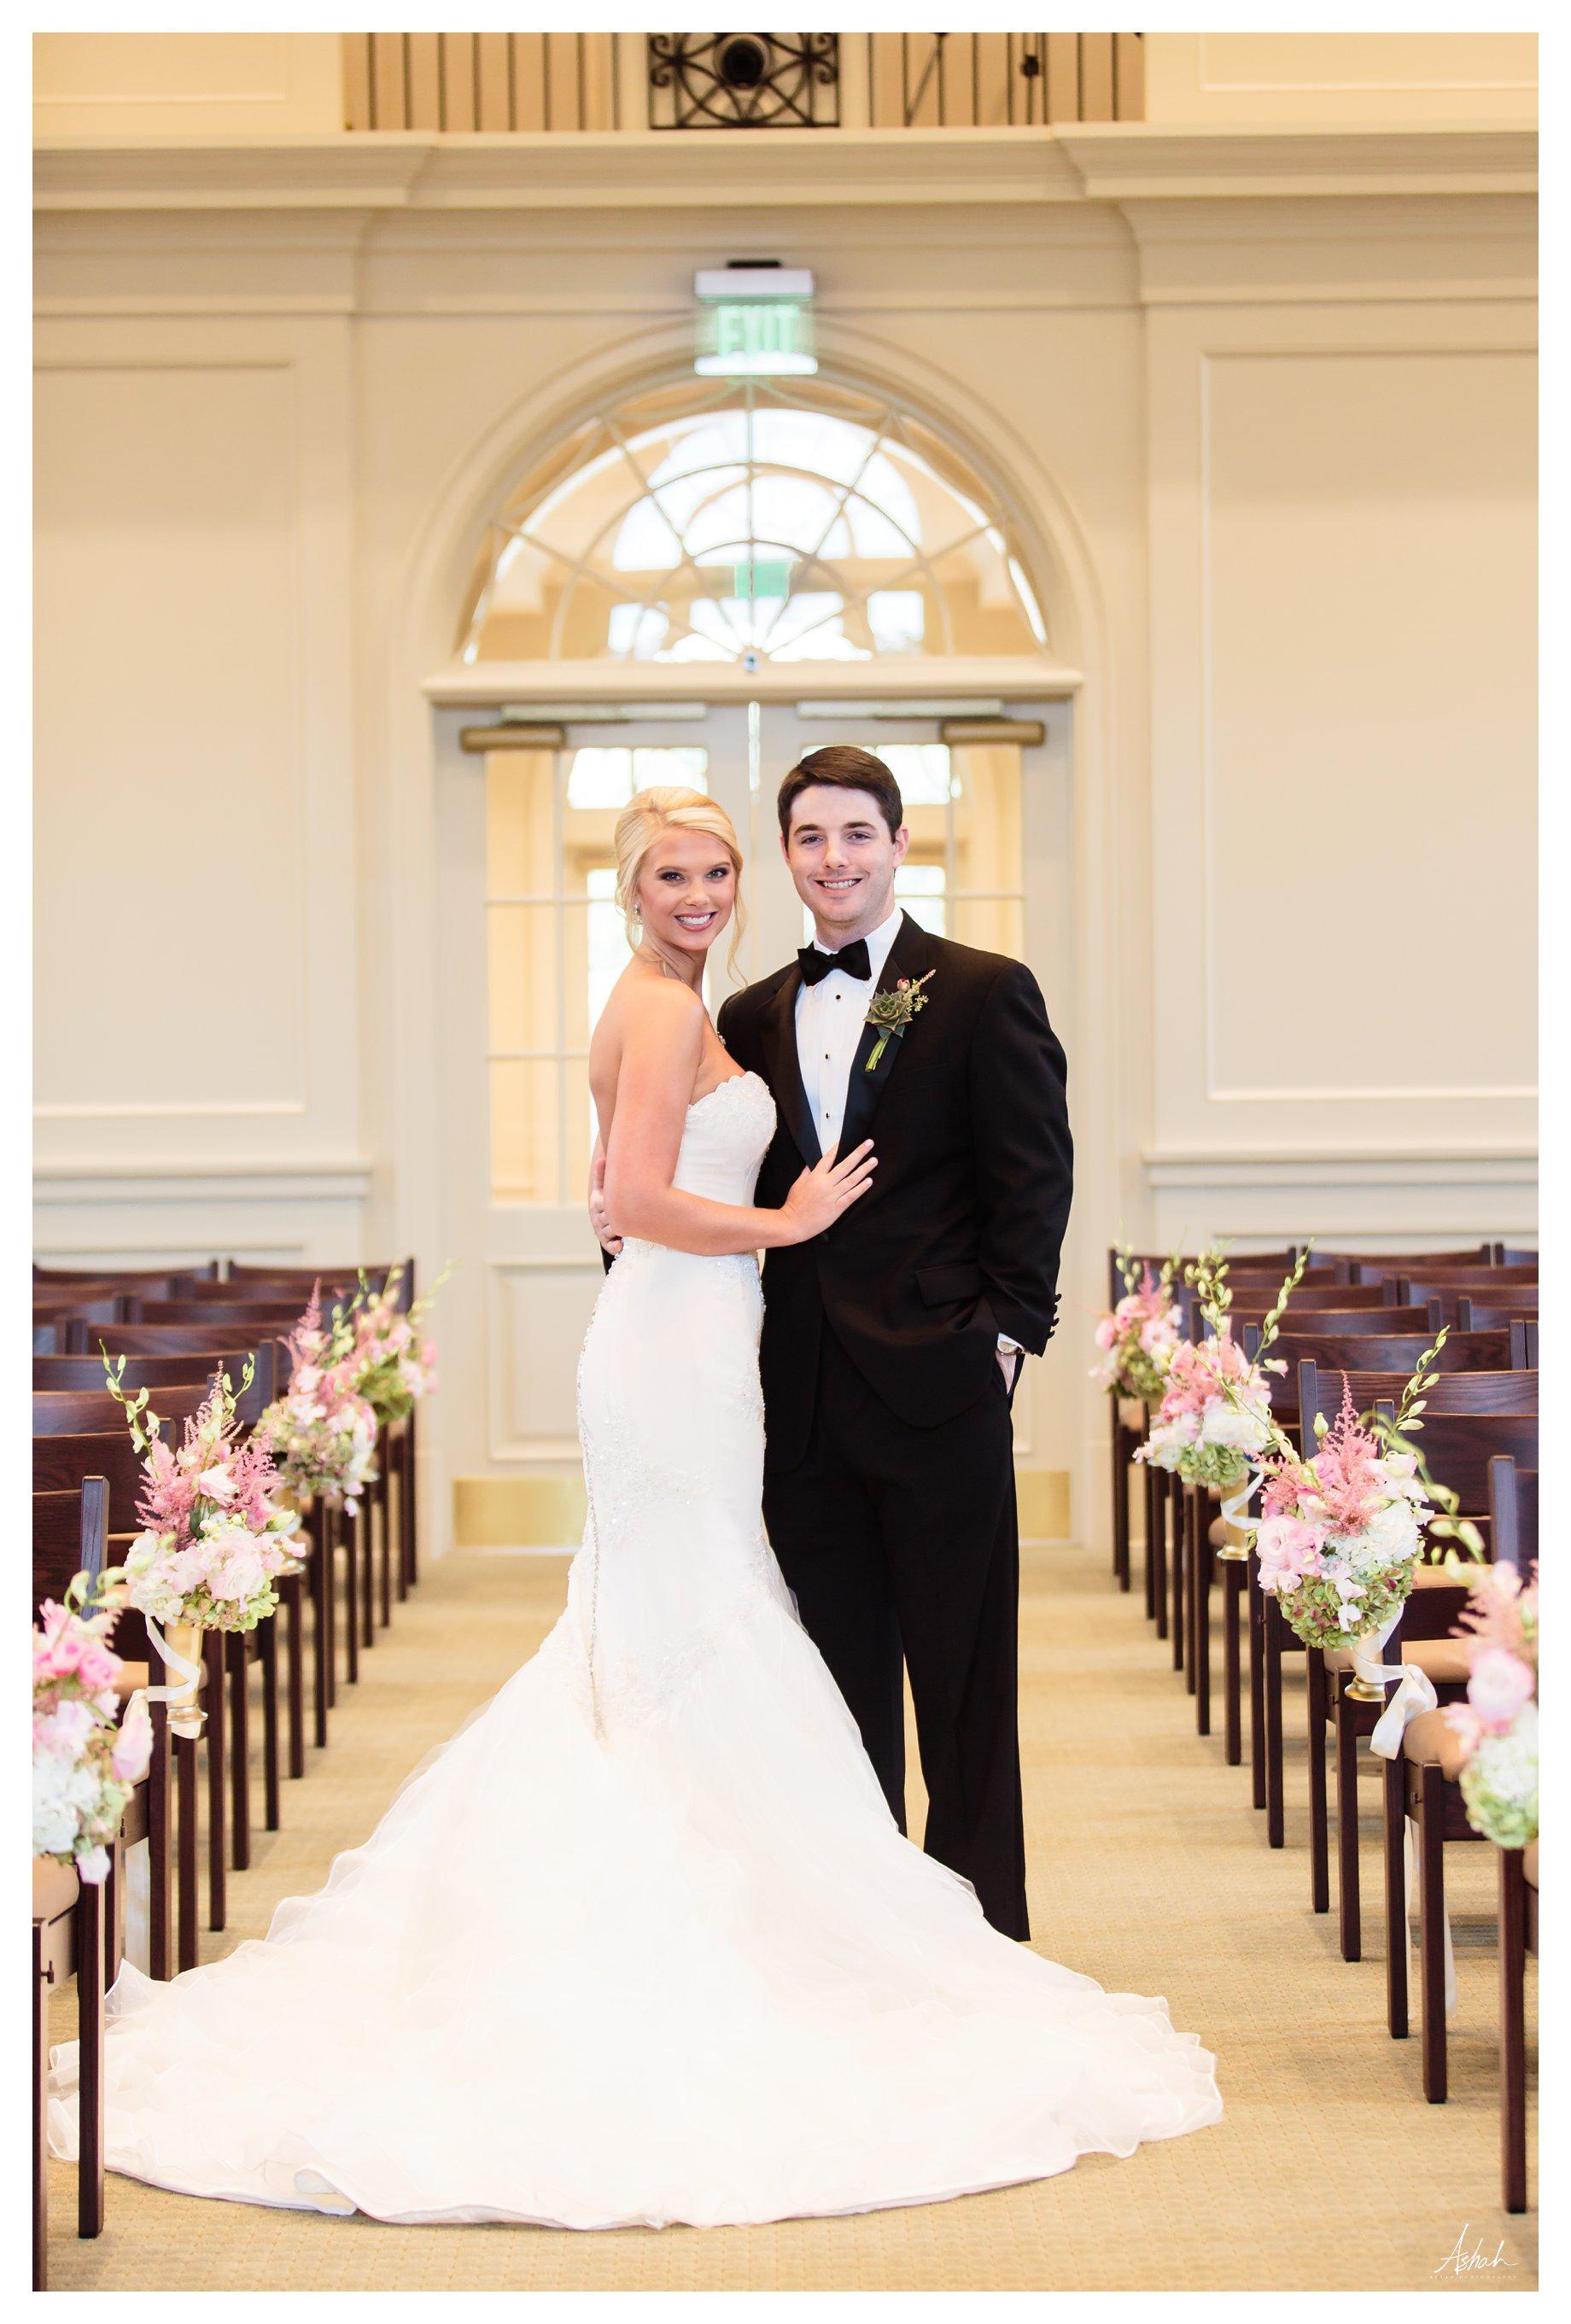 The Happy Couple - Macon Wedding Photographer